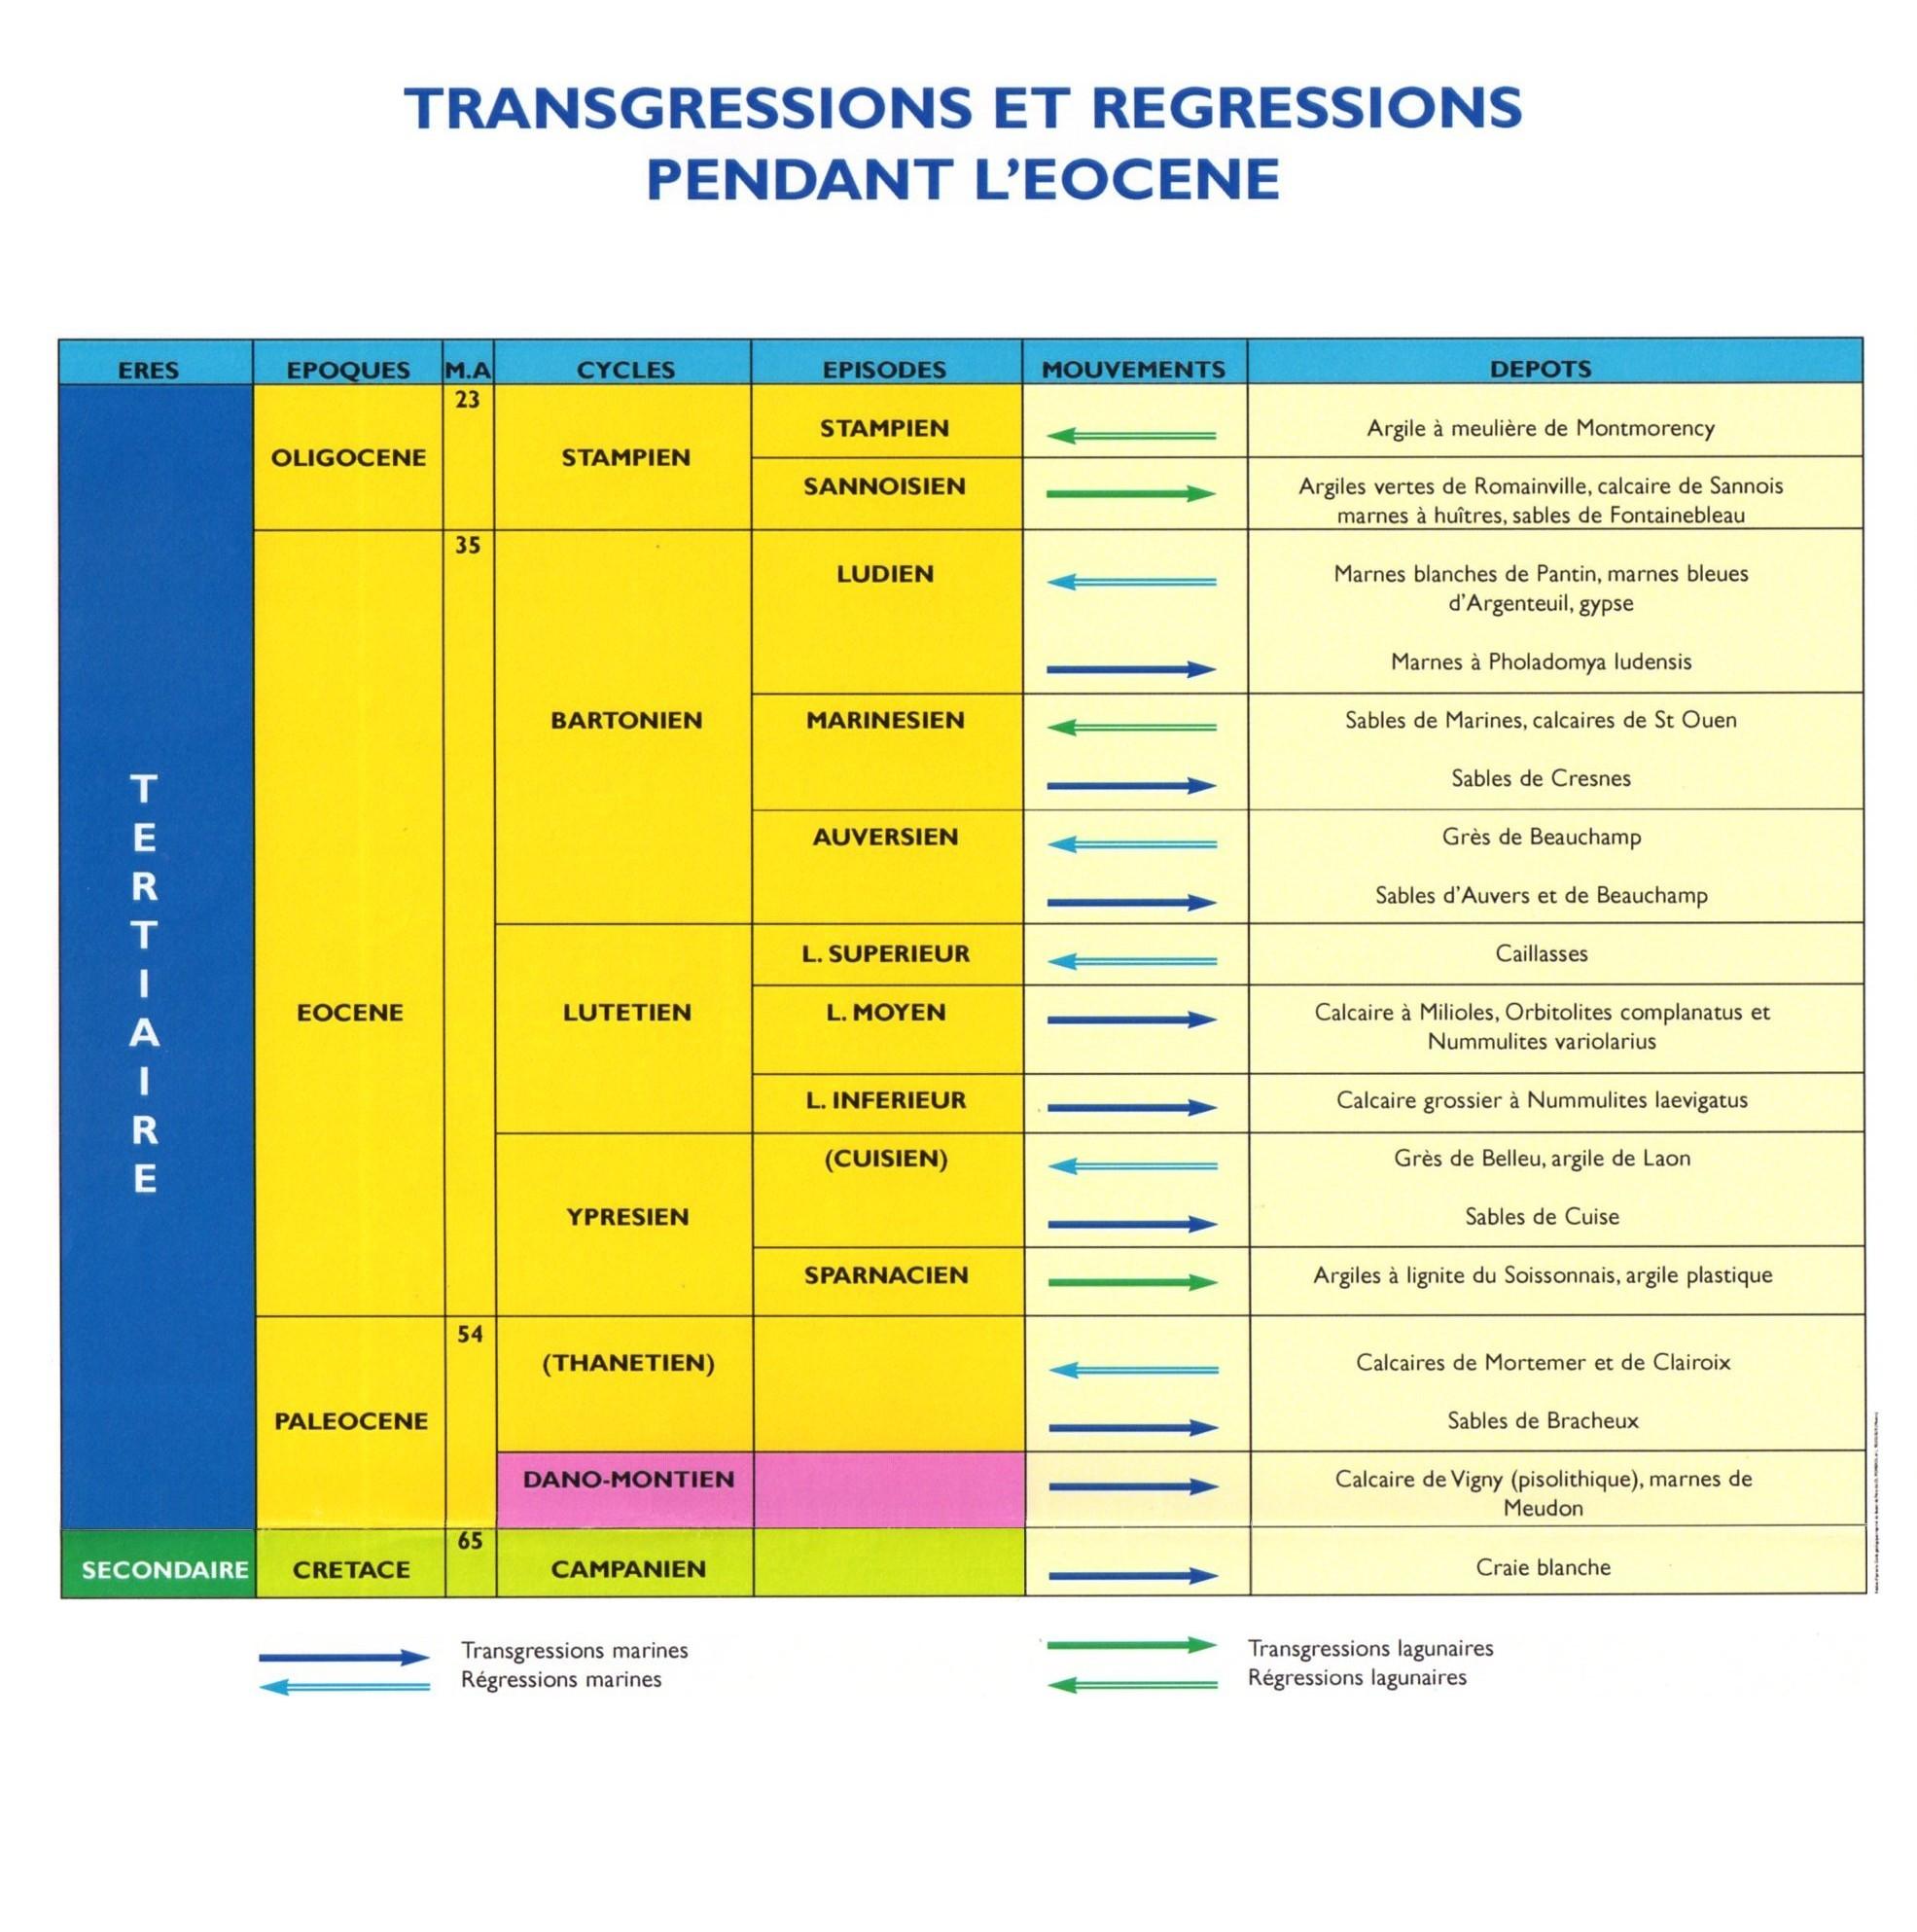 Transgressions et régressions durant l'Éocène